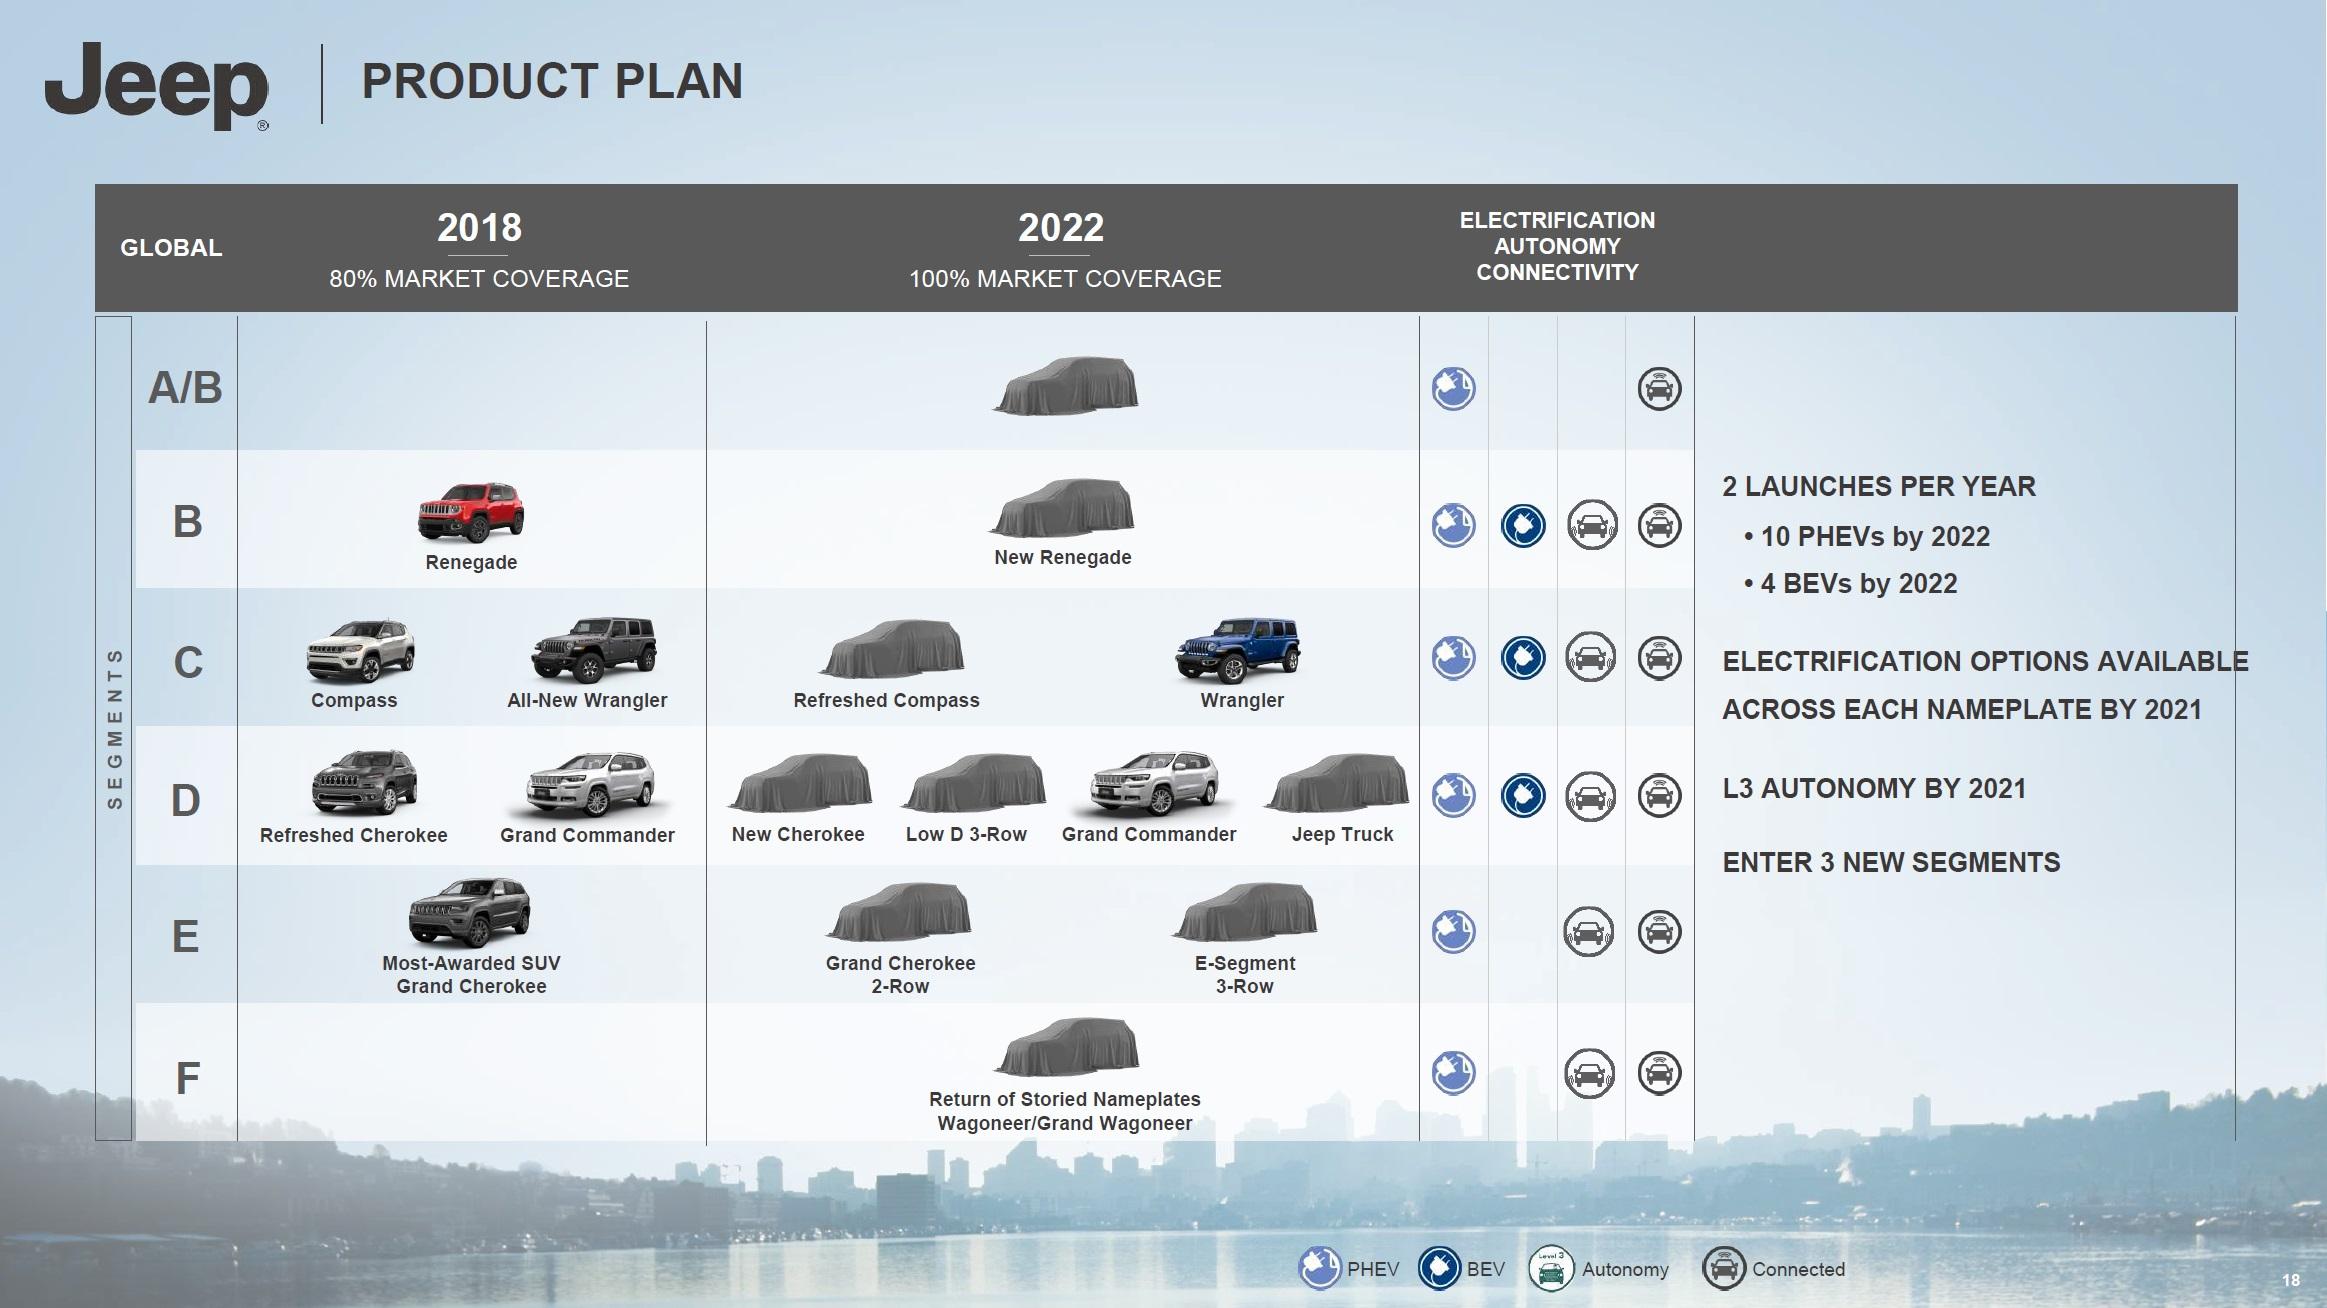 quel avenir pour le groupe fca d 39 ici 2022 blog automobile. Black Bedroom Furniture Sets. Home Design Ideas